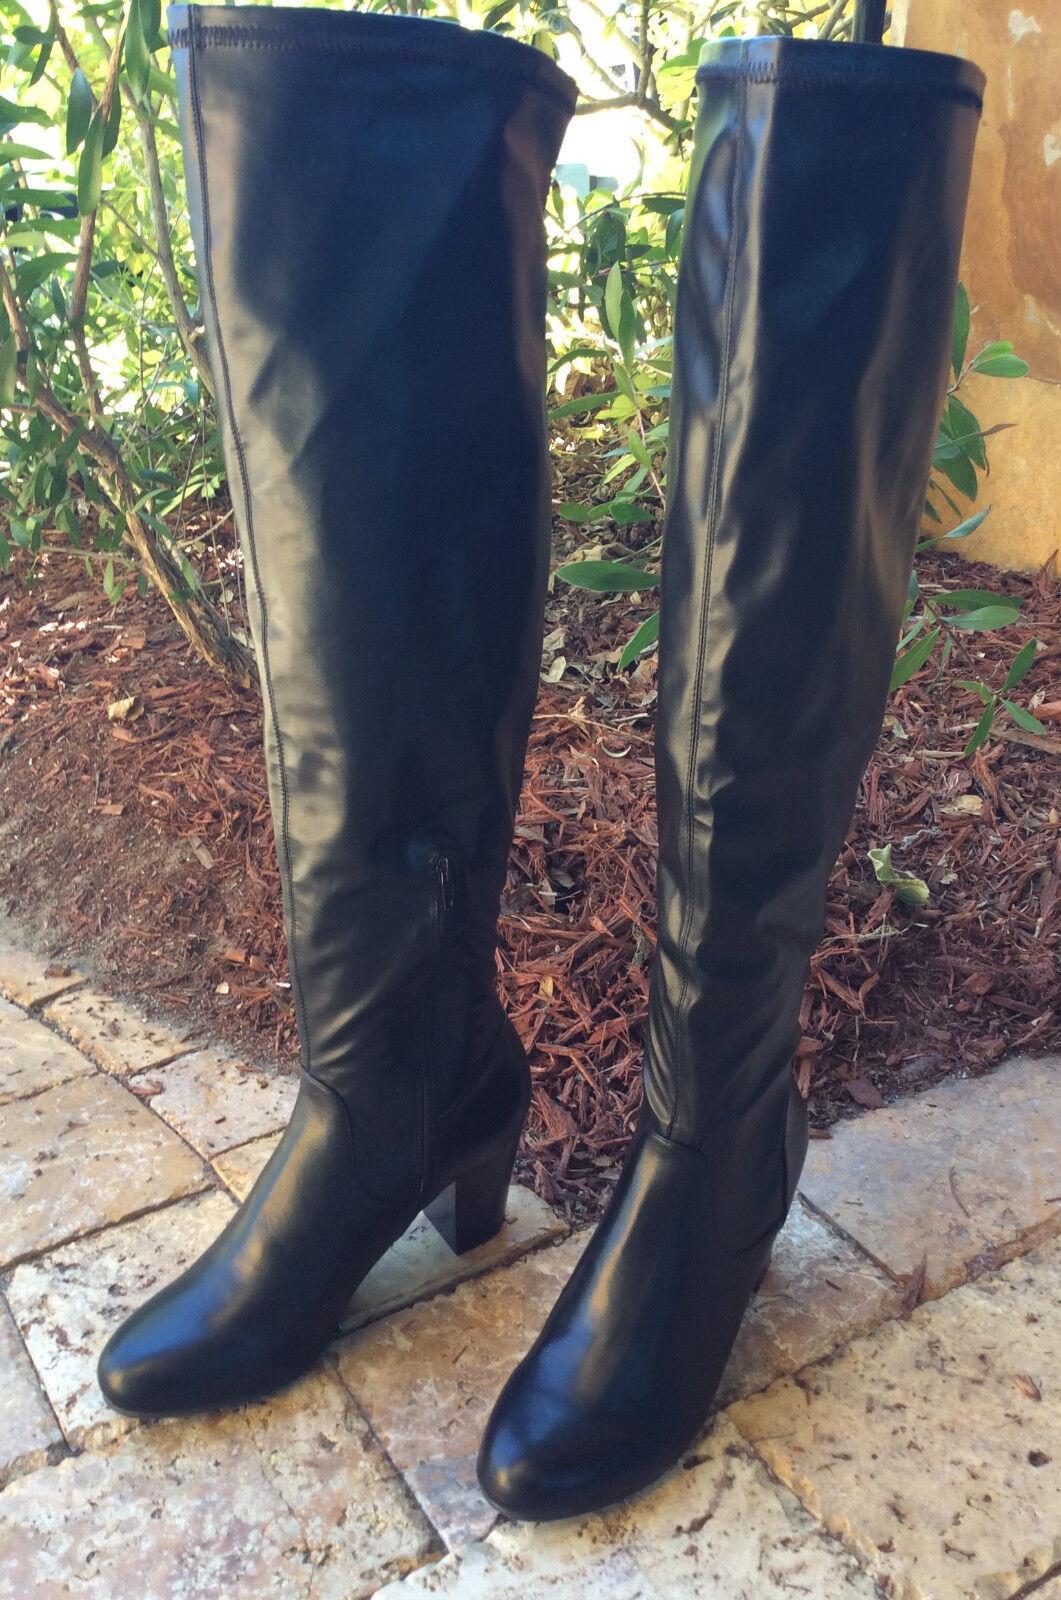 varie dimensioni Kenneth Cole Donna Donna Donna  Free Love Tall , Thigh  High avvio, nero, Dimensione 6.5 Med.  il più alla moda